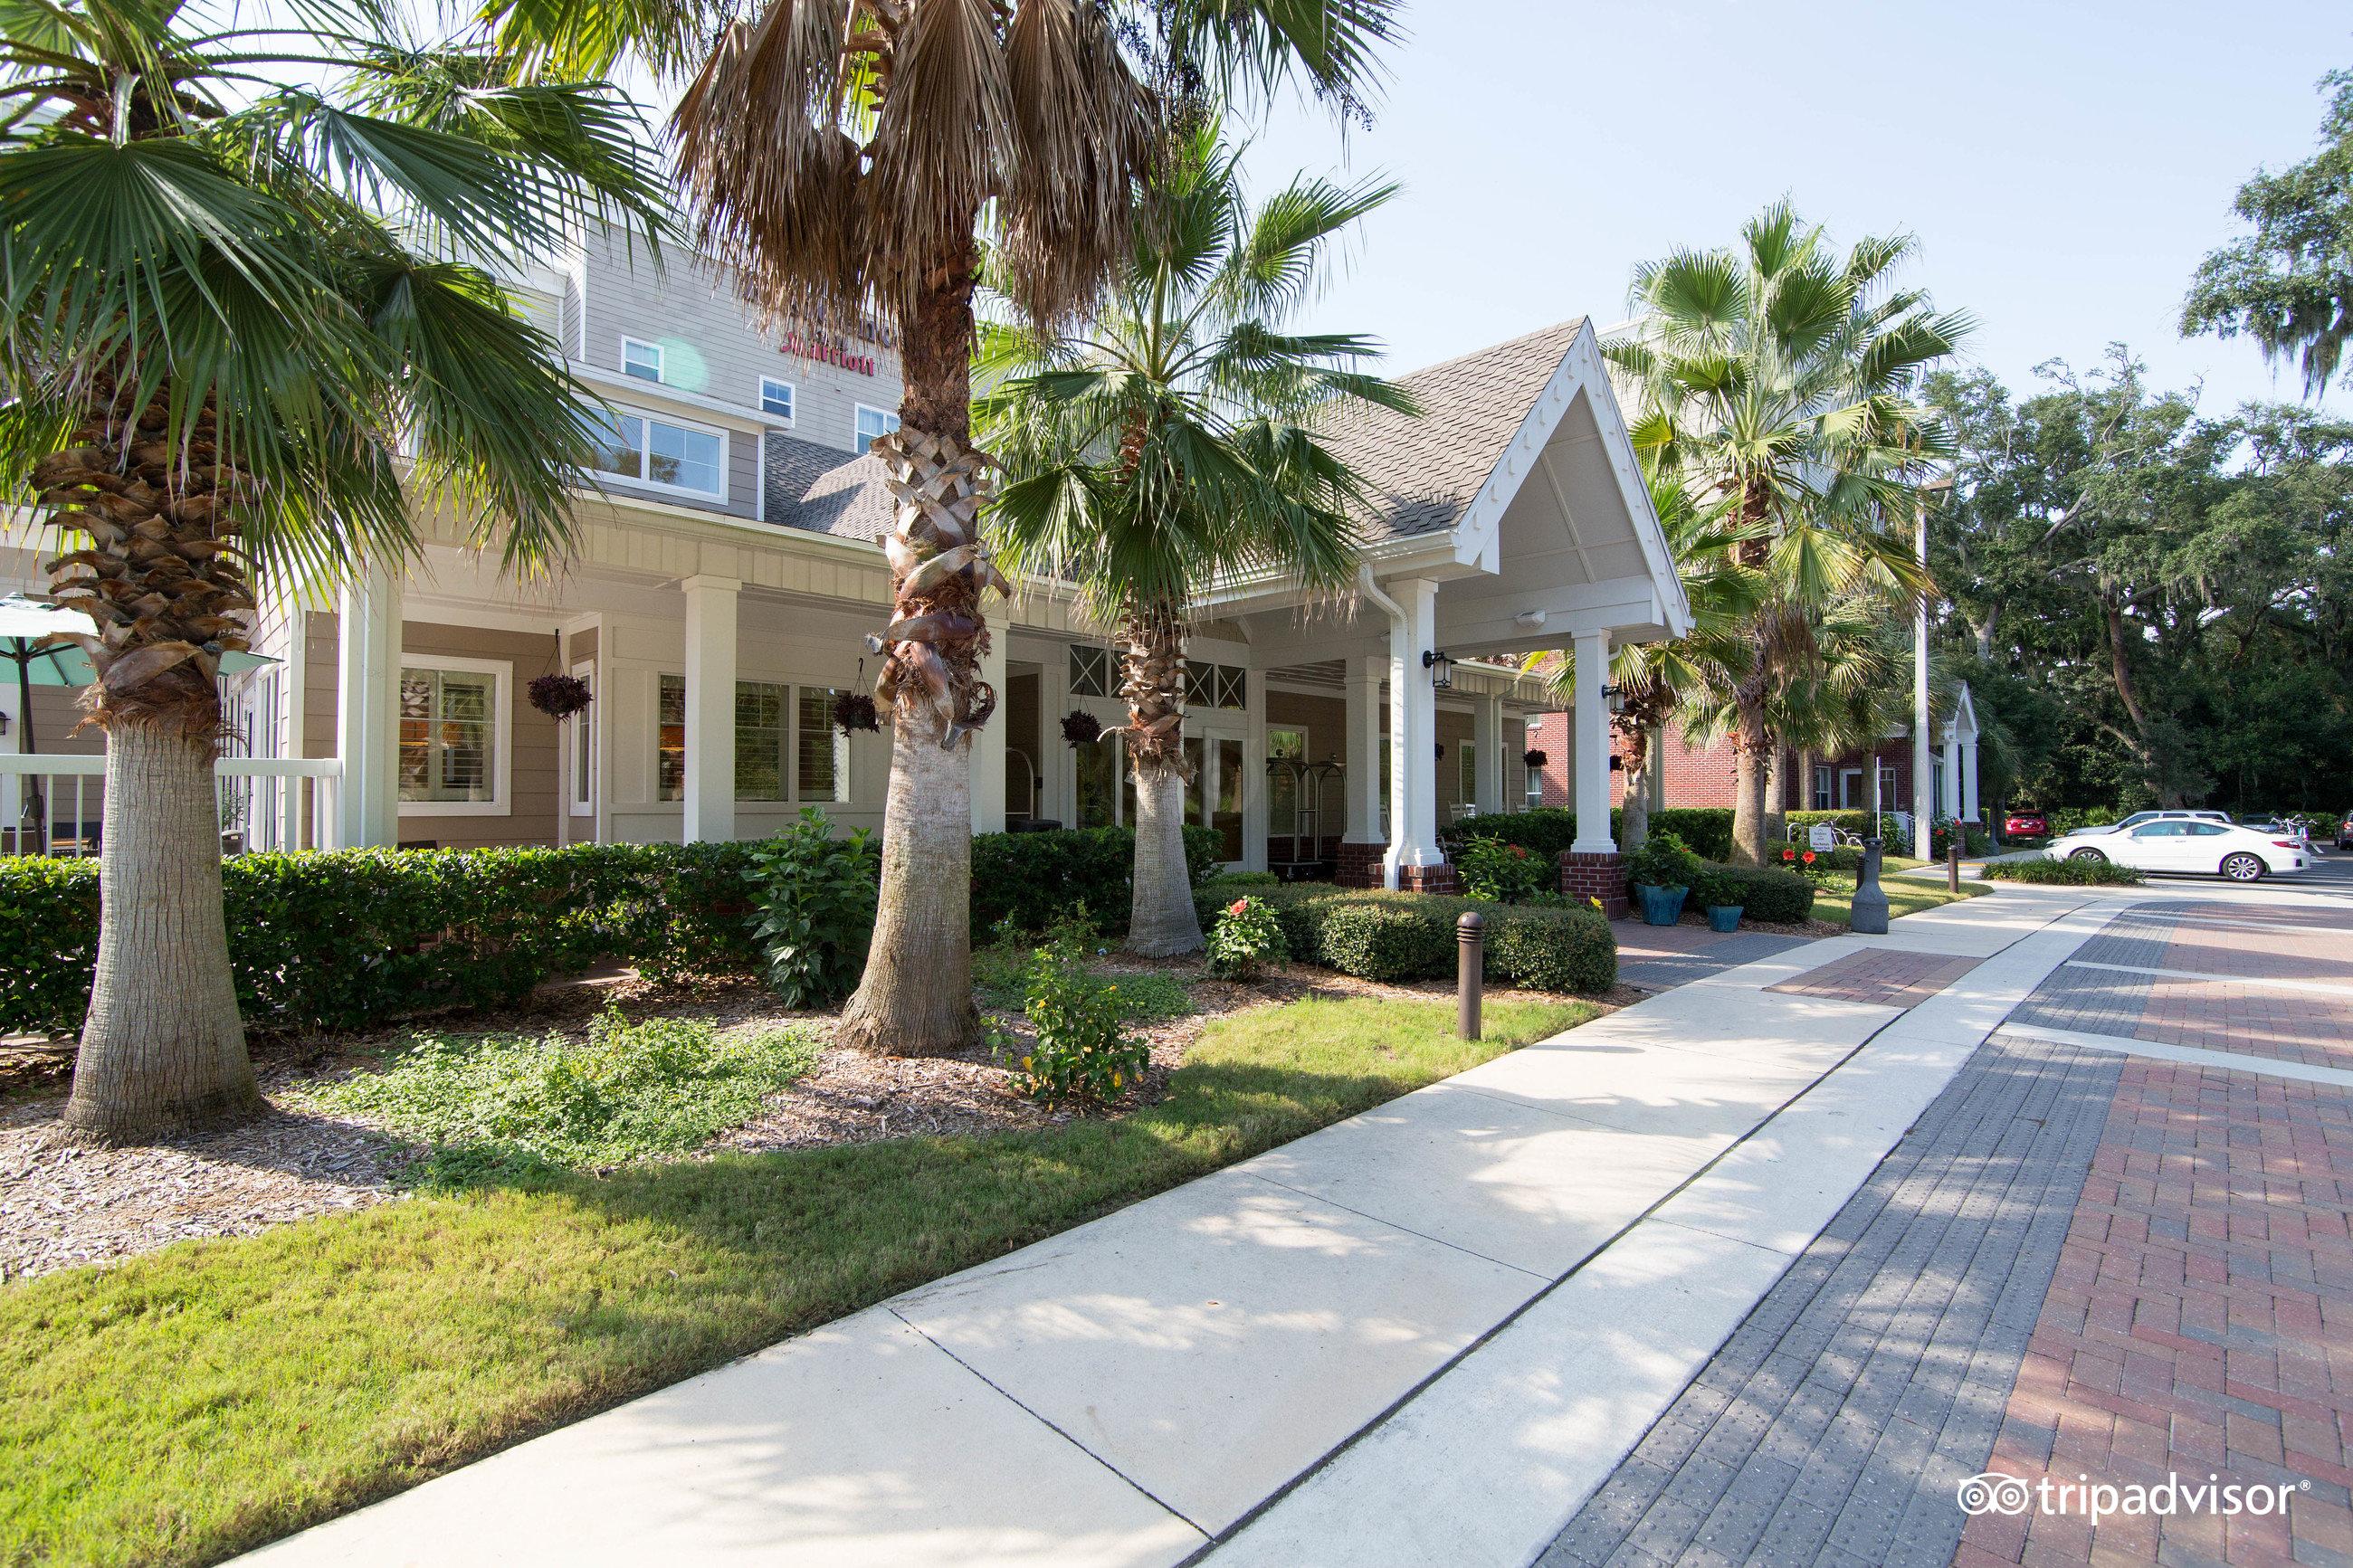 hotels travel jaxar residence amelia island